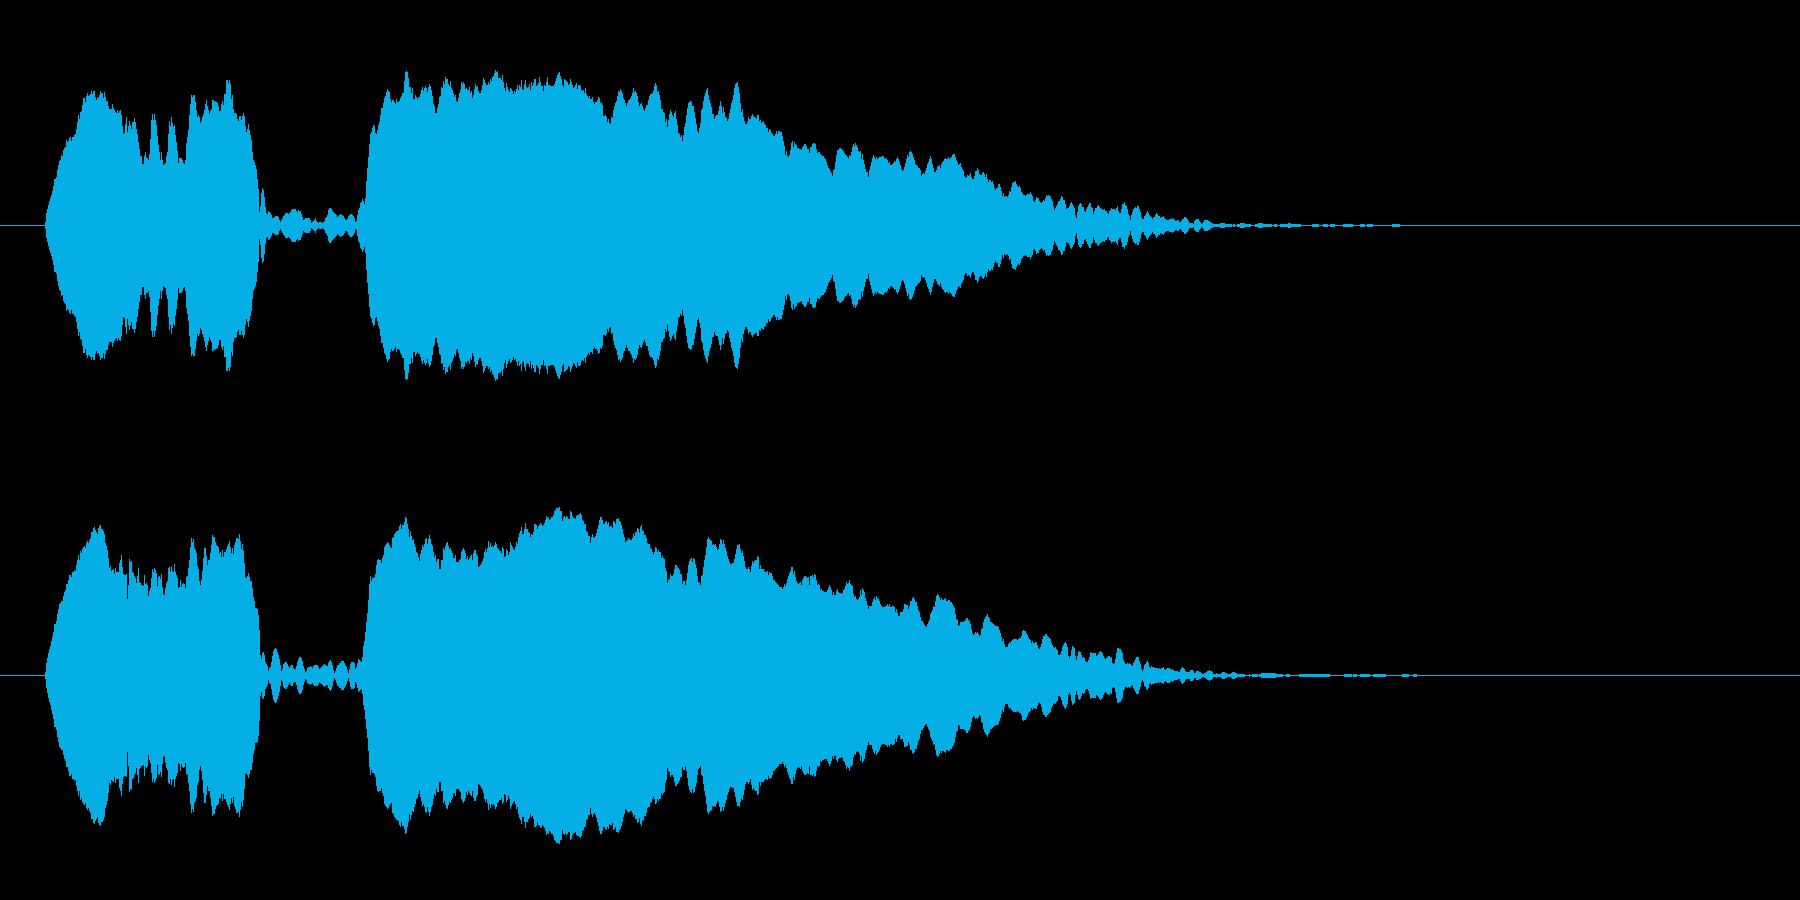 「ポッポ〜」オカリナによる鳩の鳴き声擬音の再生済みの波形